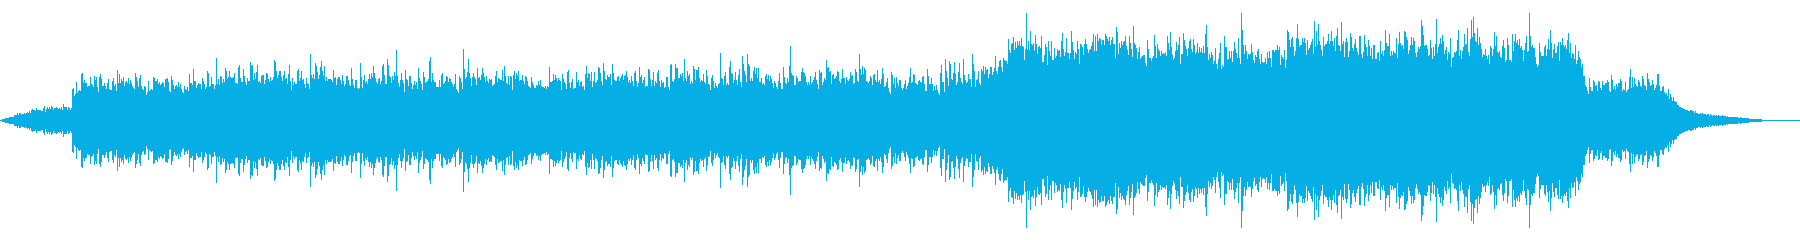 ウェディング8A神秘的な映像、バイオリンの再生済みの波形